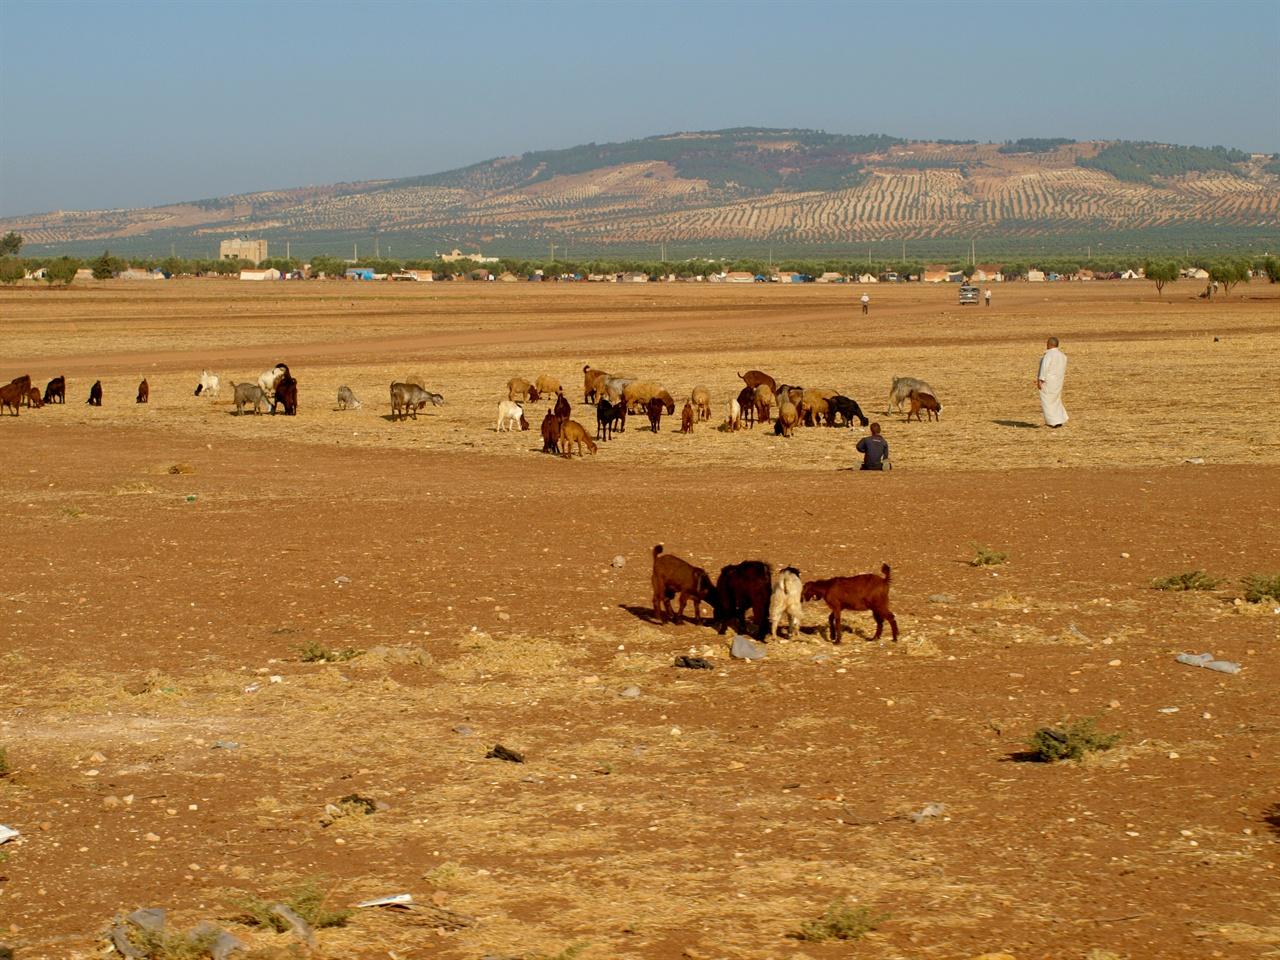 시리아 시민사진2 터키에서 국경을 너머 조금만 가면 너른 평야에서 가축들이 풀을 뜯고 올리브 나무가 숲을 이루고 있는 전형적인 시리아의 시골 풍경이 펼쳐진다